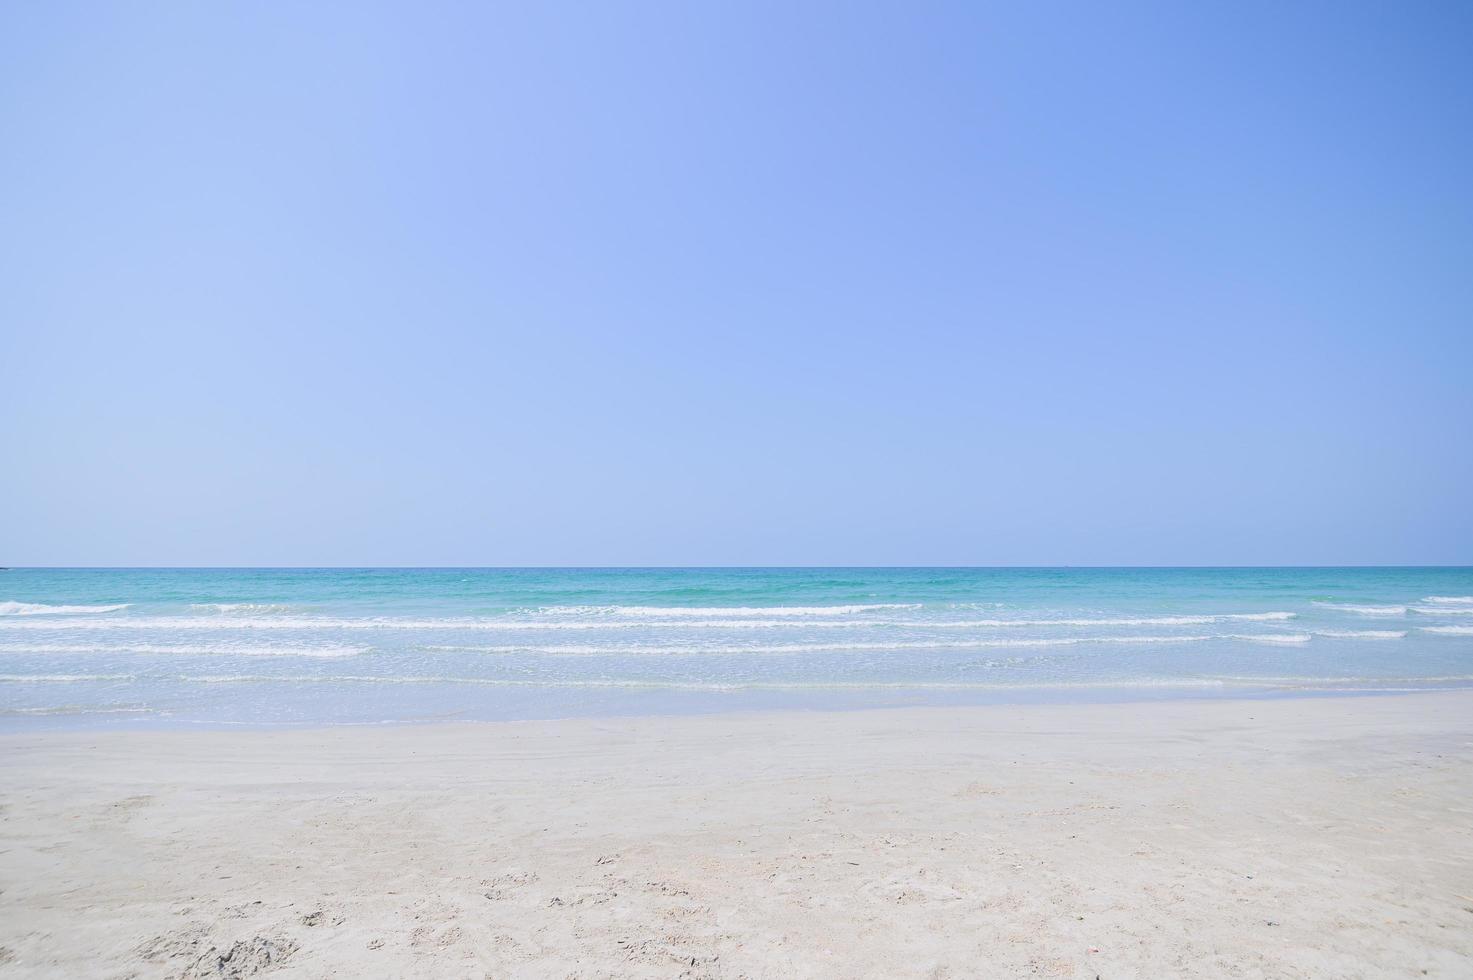 vue sur la plage depuis un rivage australien photo